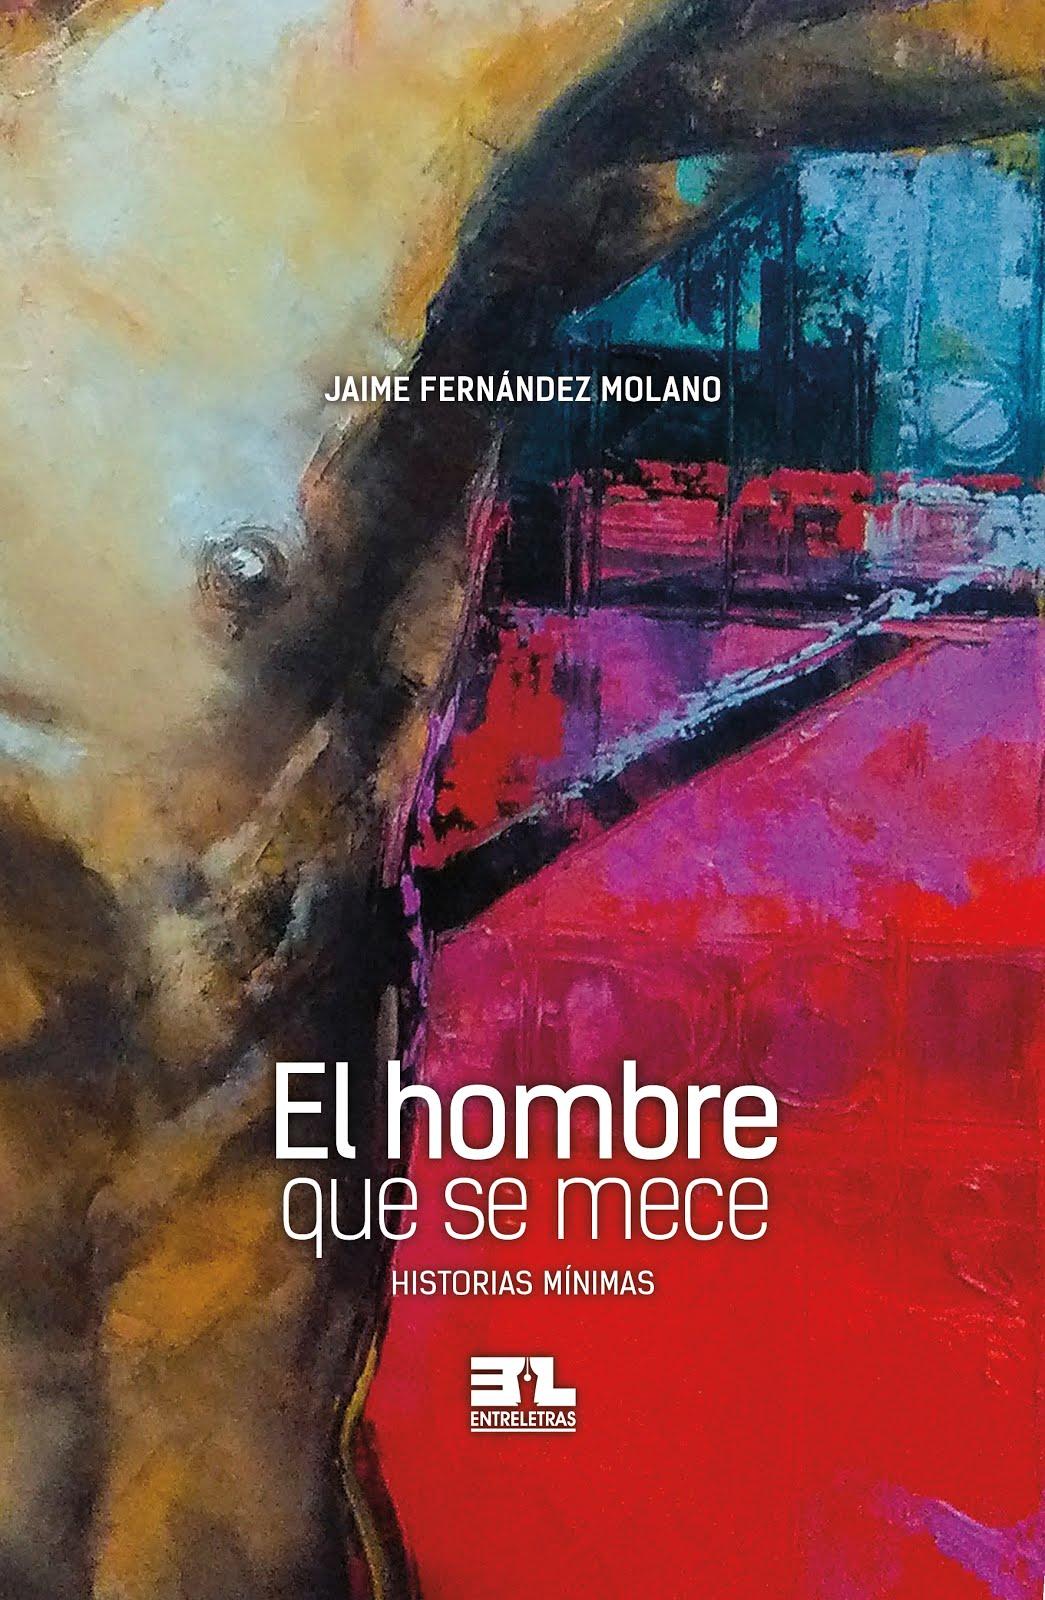 El hombre que se mece - Historias mínimas / Jaime Fernández Molano